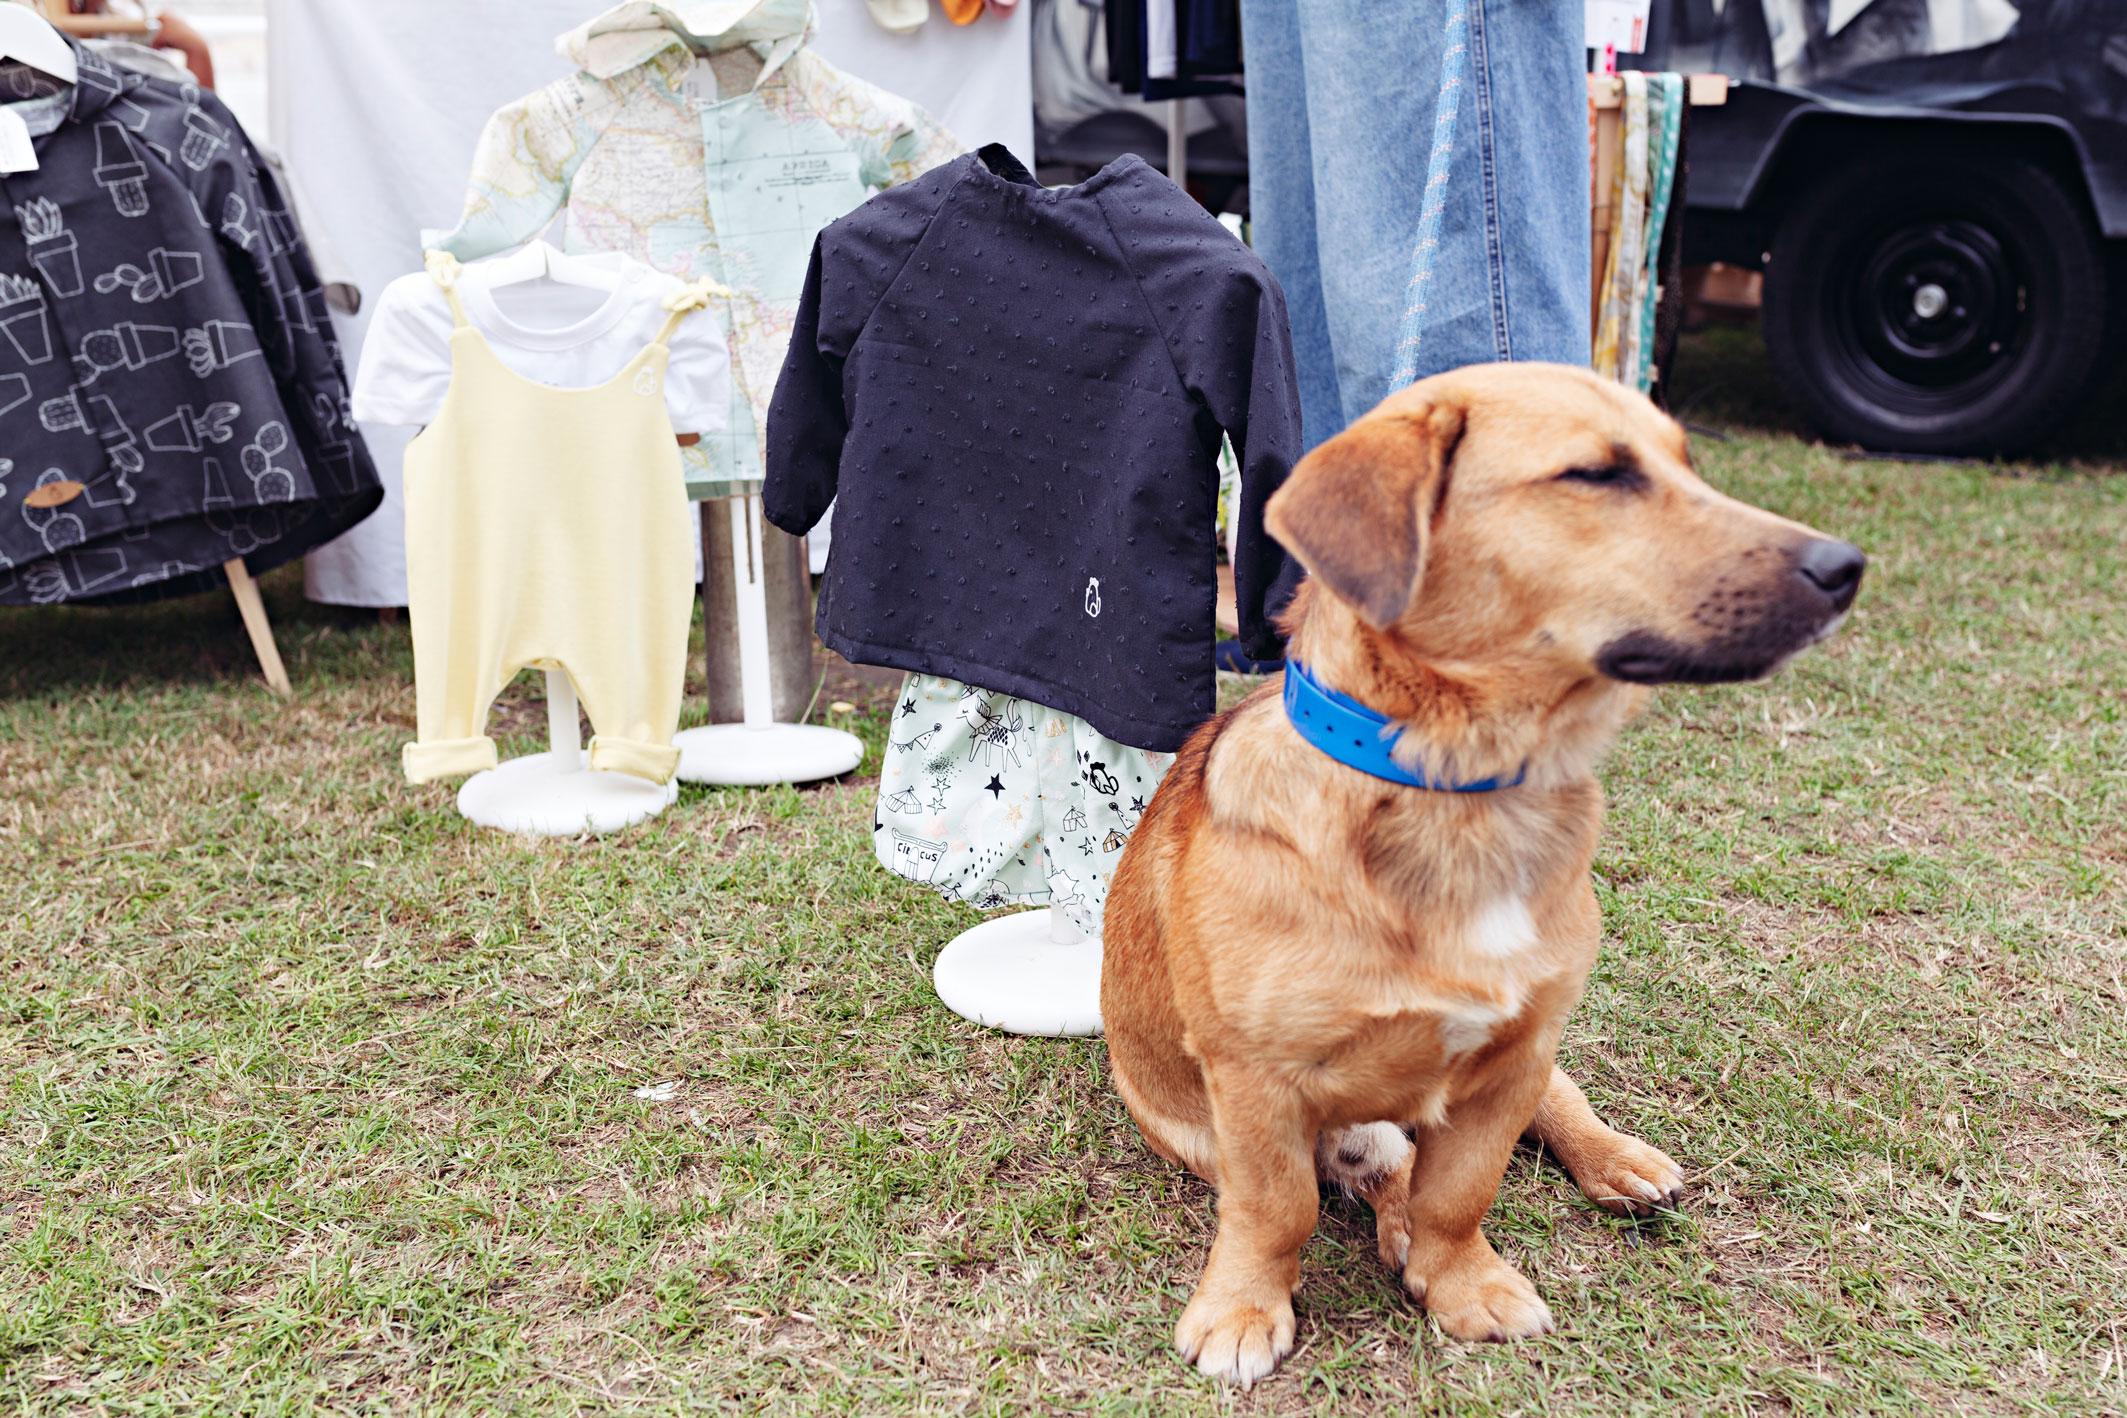 Eventos que admiten mascotas